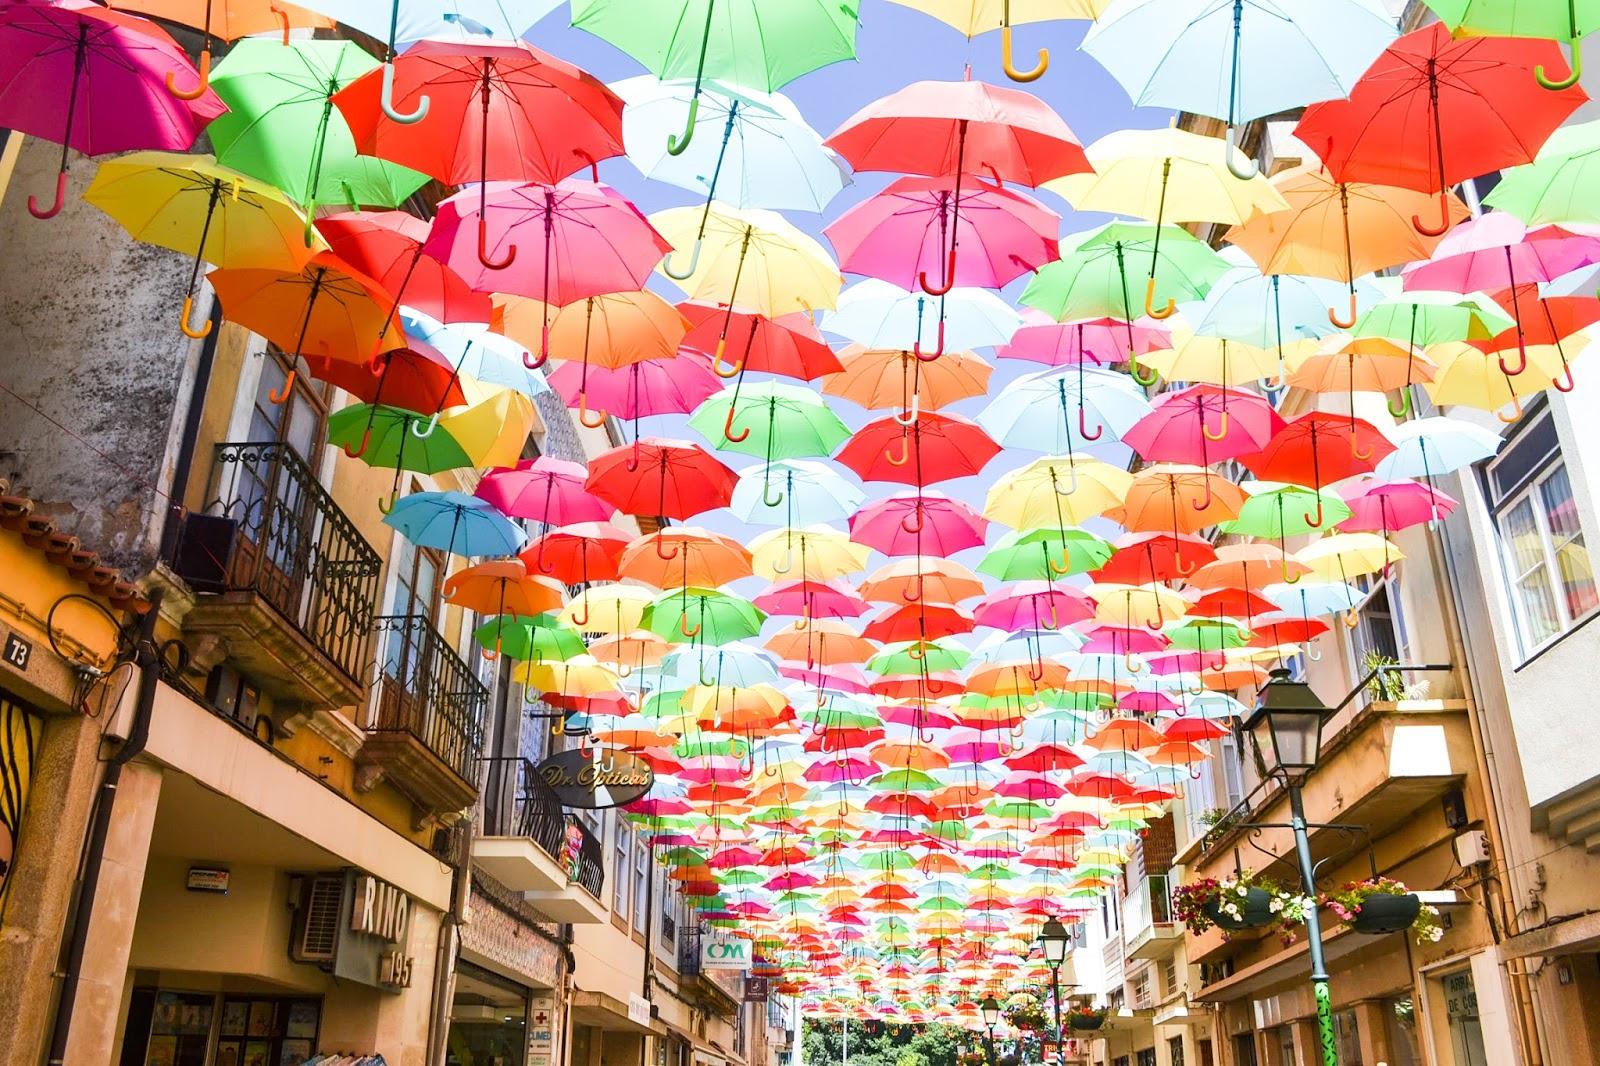 Águeda, Aveiro, Umbrellas sky project, Portugal, Portugalsko, ejnets